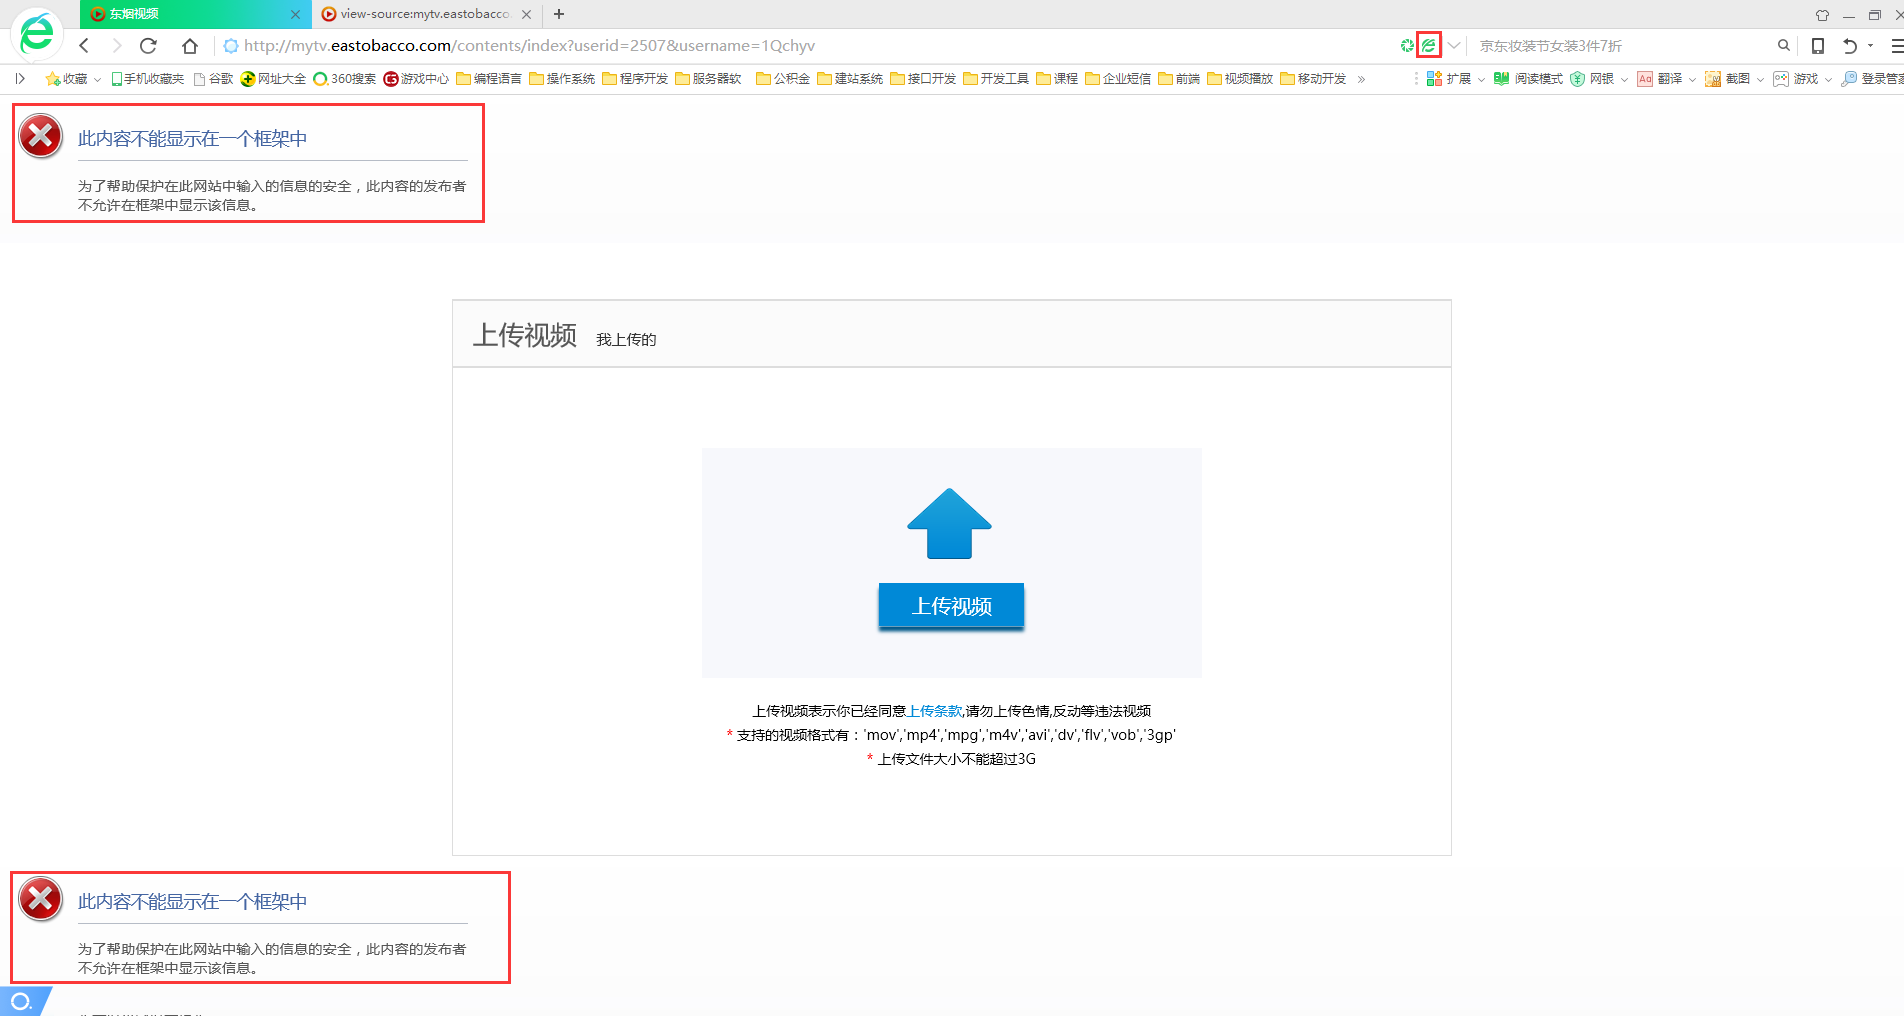 在 360 浏览器 兼容模式下,出现 此内容不能显示在一个框架中 的提示